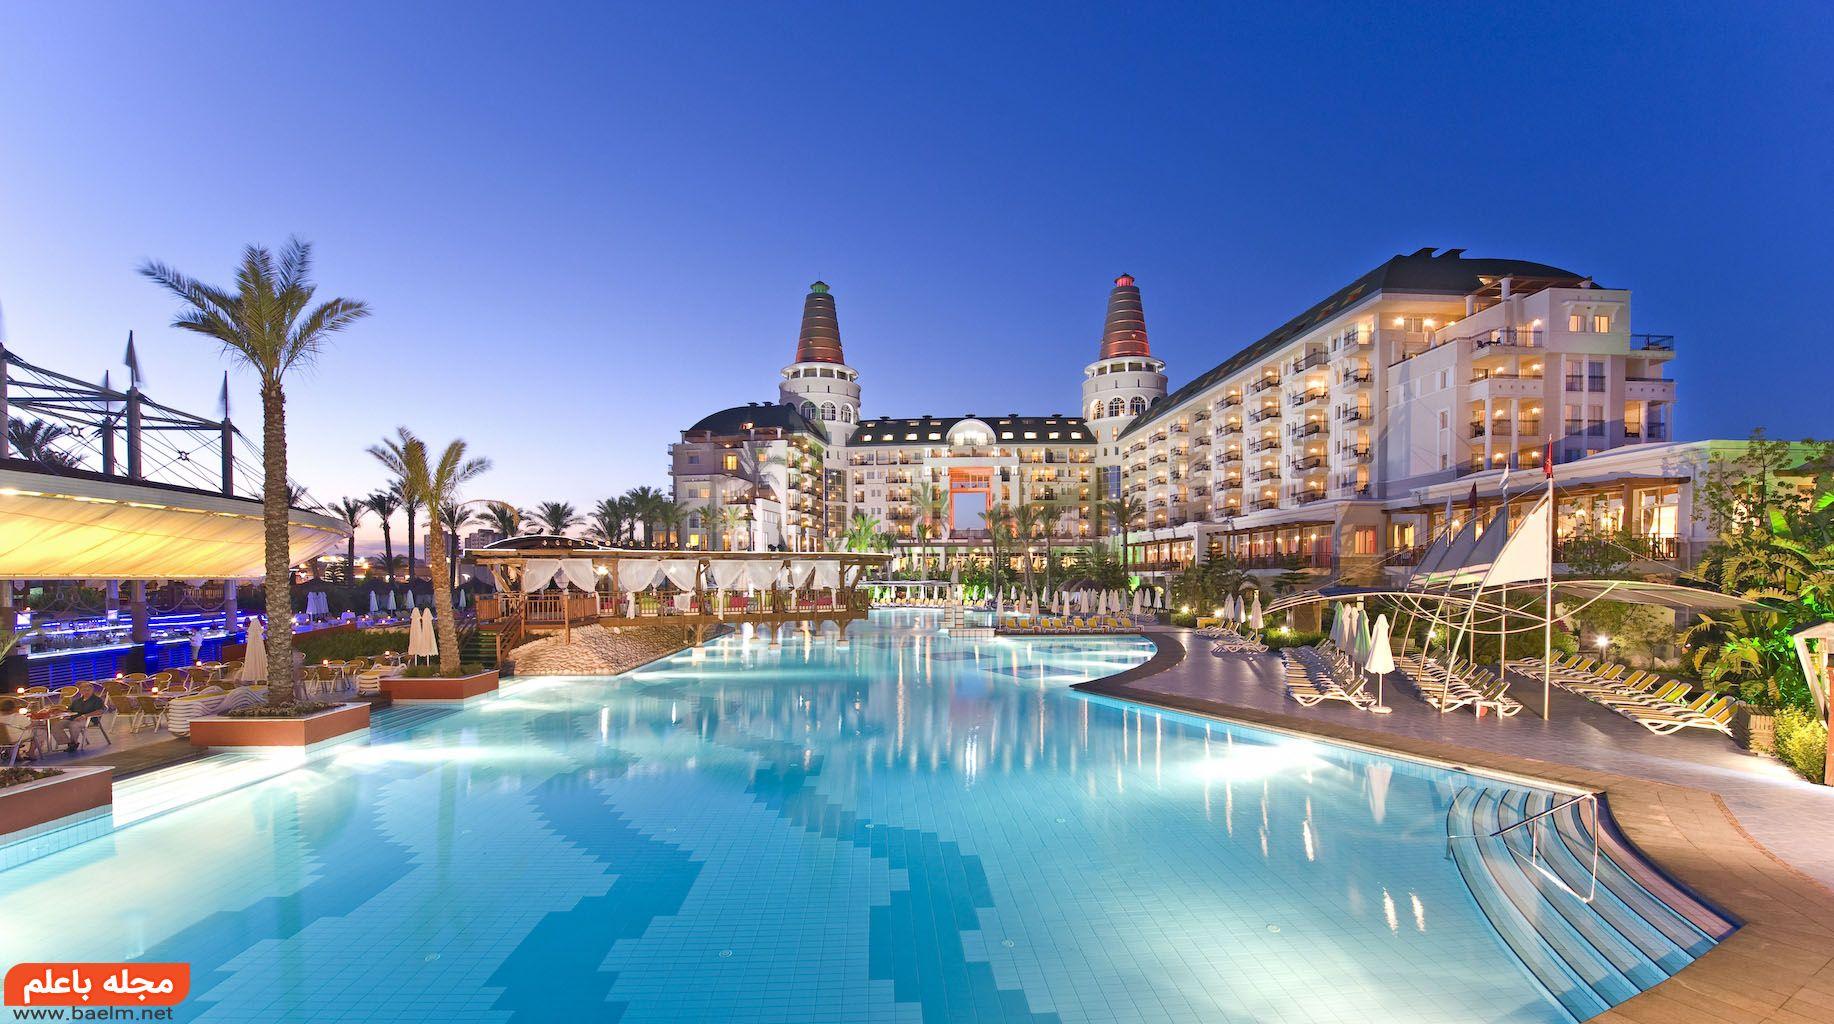 تور آنتالیا؛ استراحت کامل در لوکسترین هتلها با قیمت ارزان